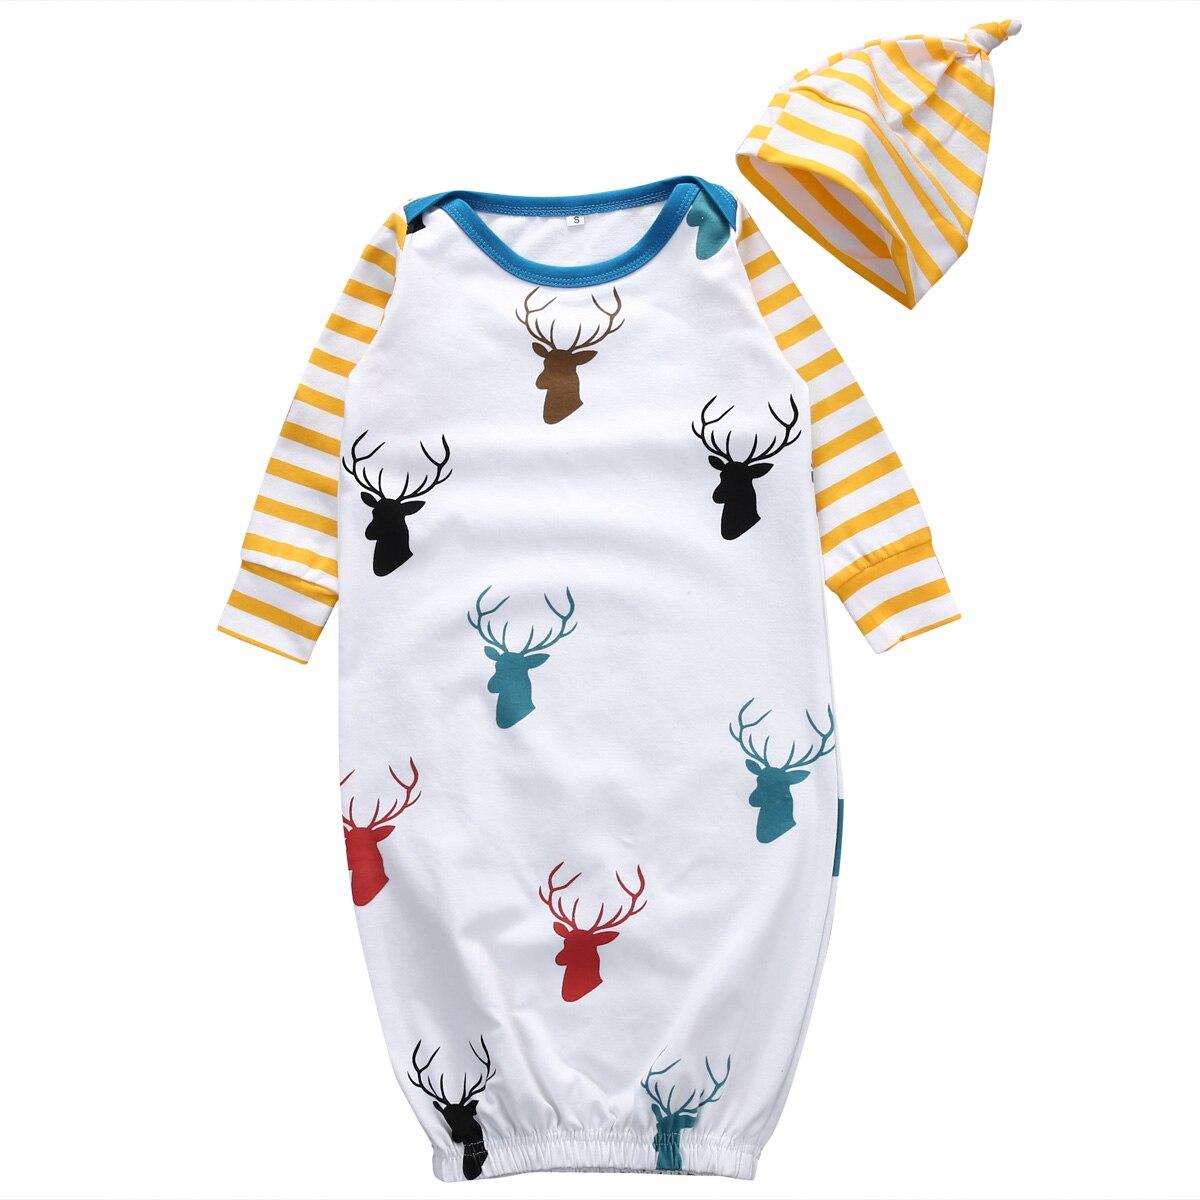 2 Stks/set! Katoen Pasgeboren Baby Baby Meisje Jongen Nachtkleding & Gewaden Kleding Met Hoed Outfits Set